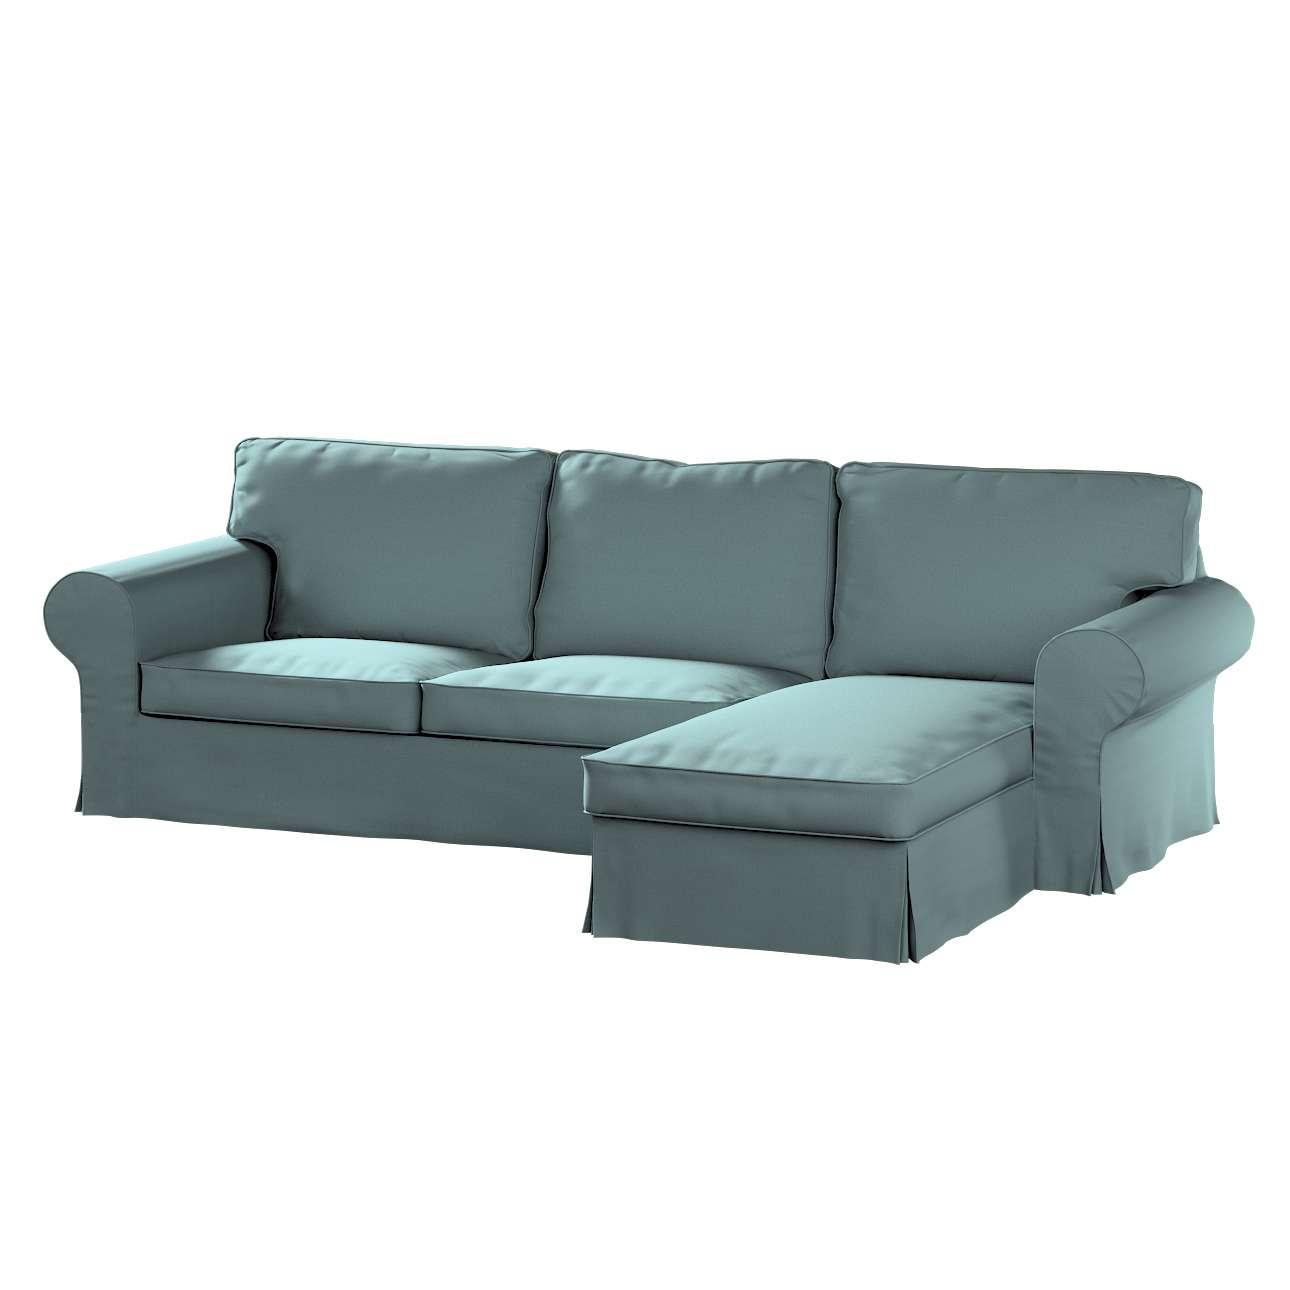 Pokrowiec na sofę Ektorp 2-osobową i leżankę w kolekcji Cotton Panama, tkanina: 702-40